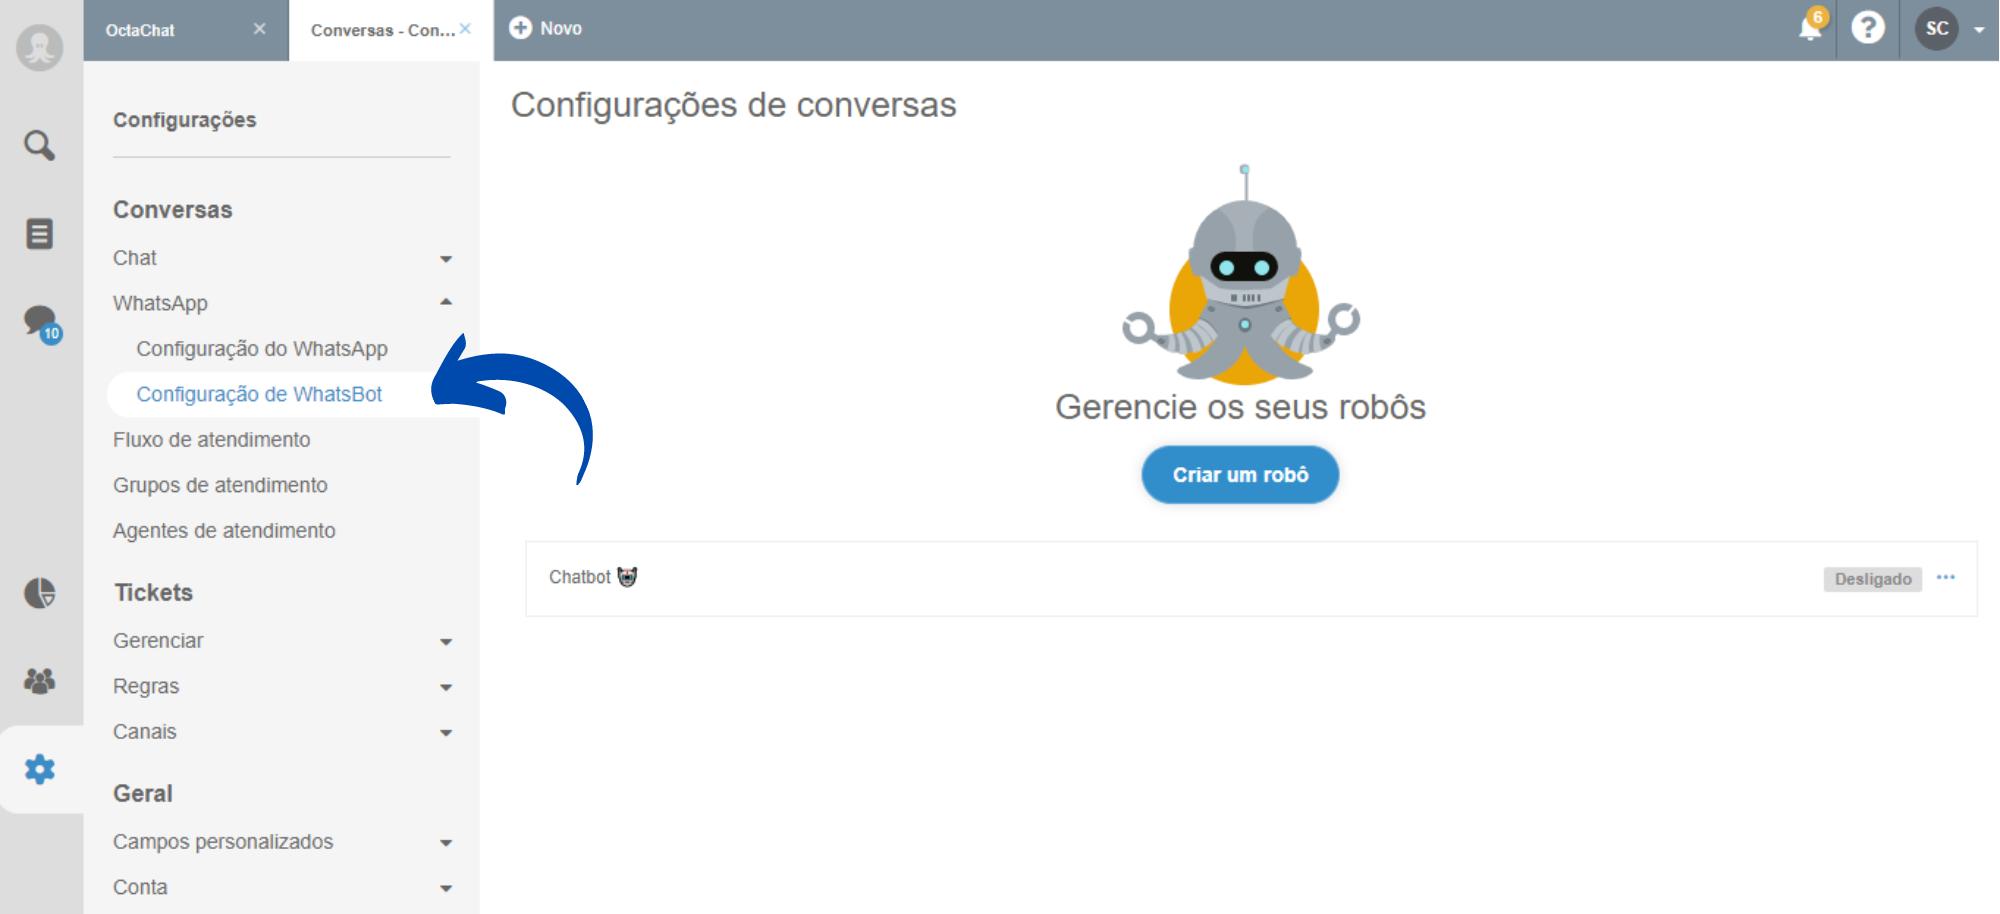 Configurações para criação do chatbot WhatsApp